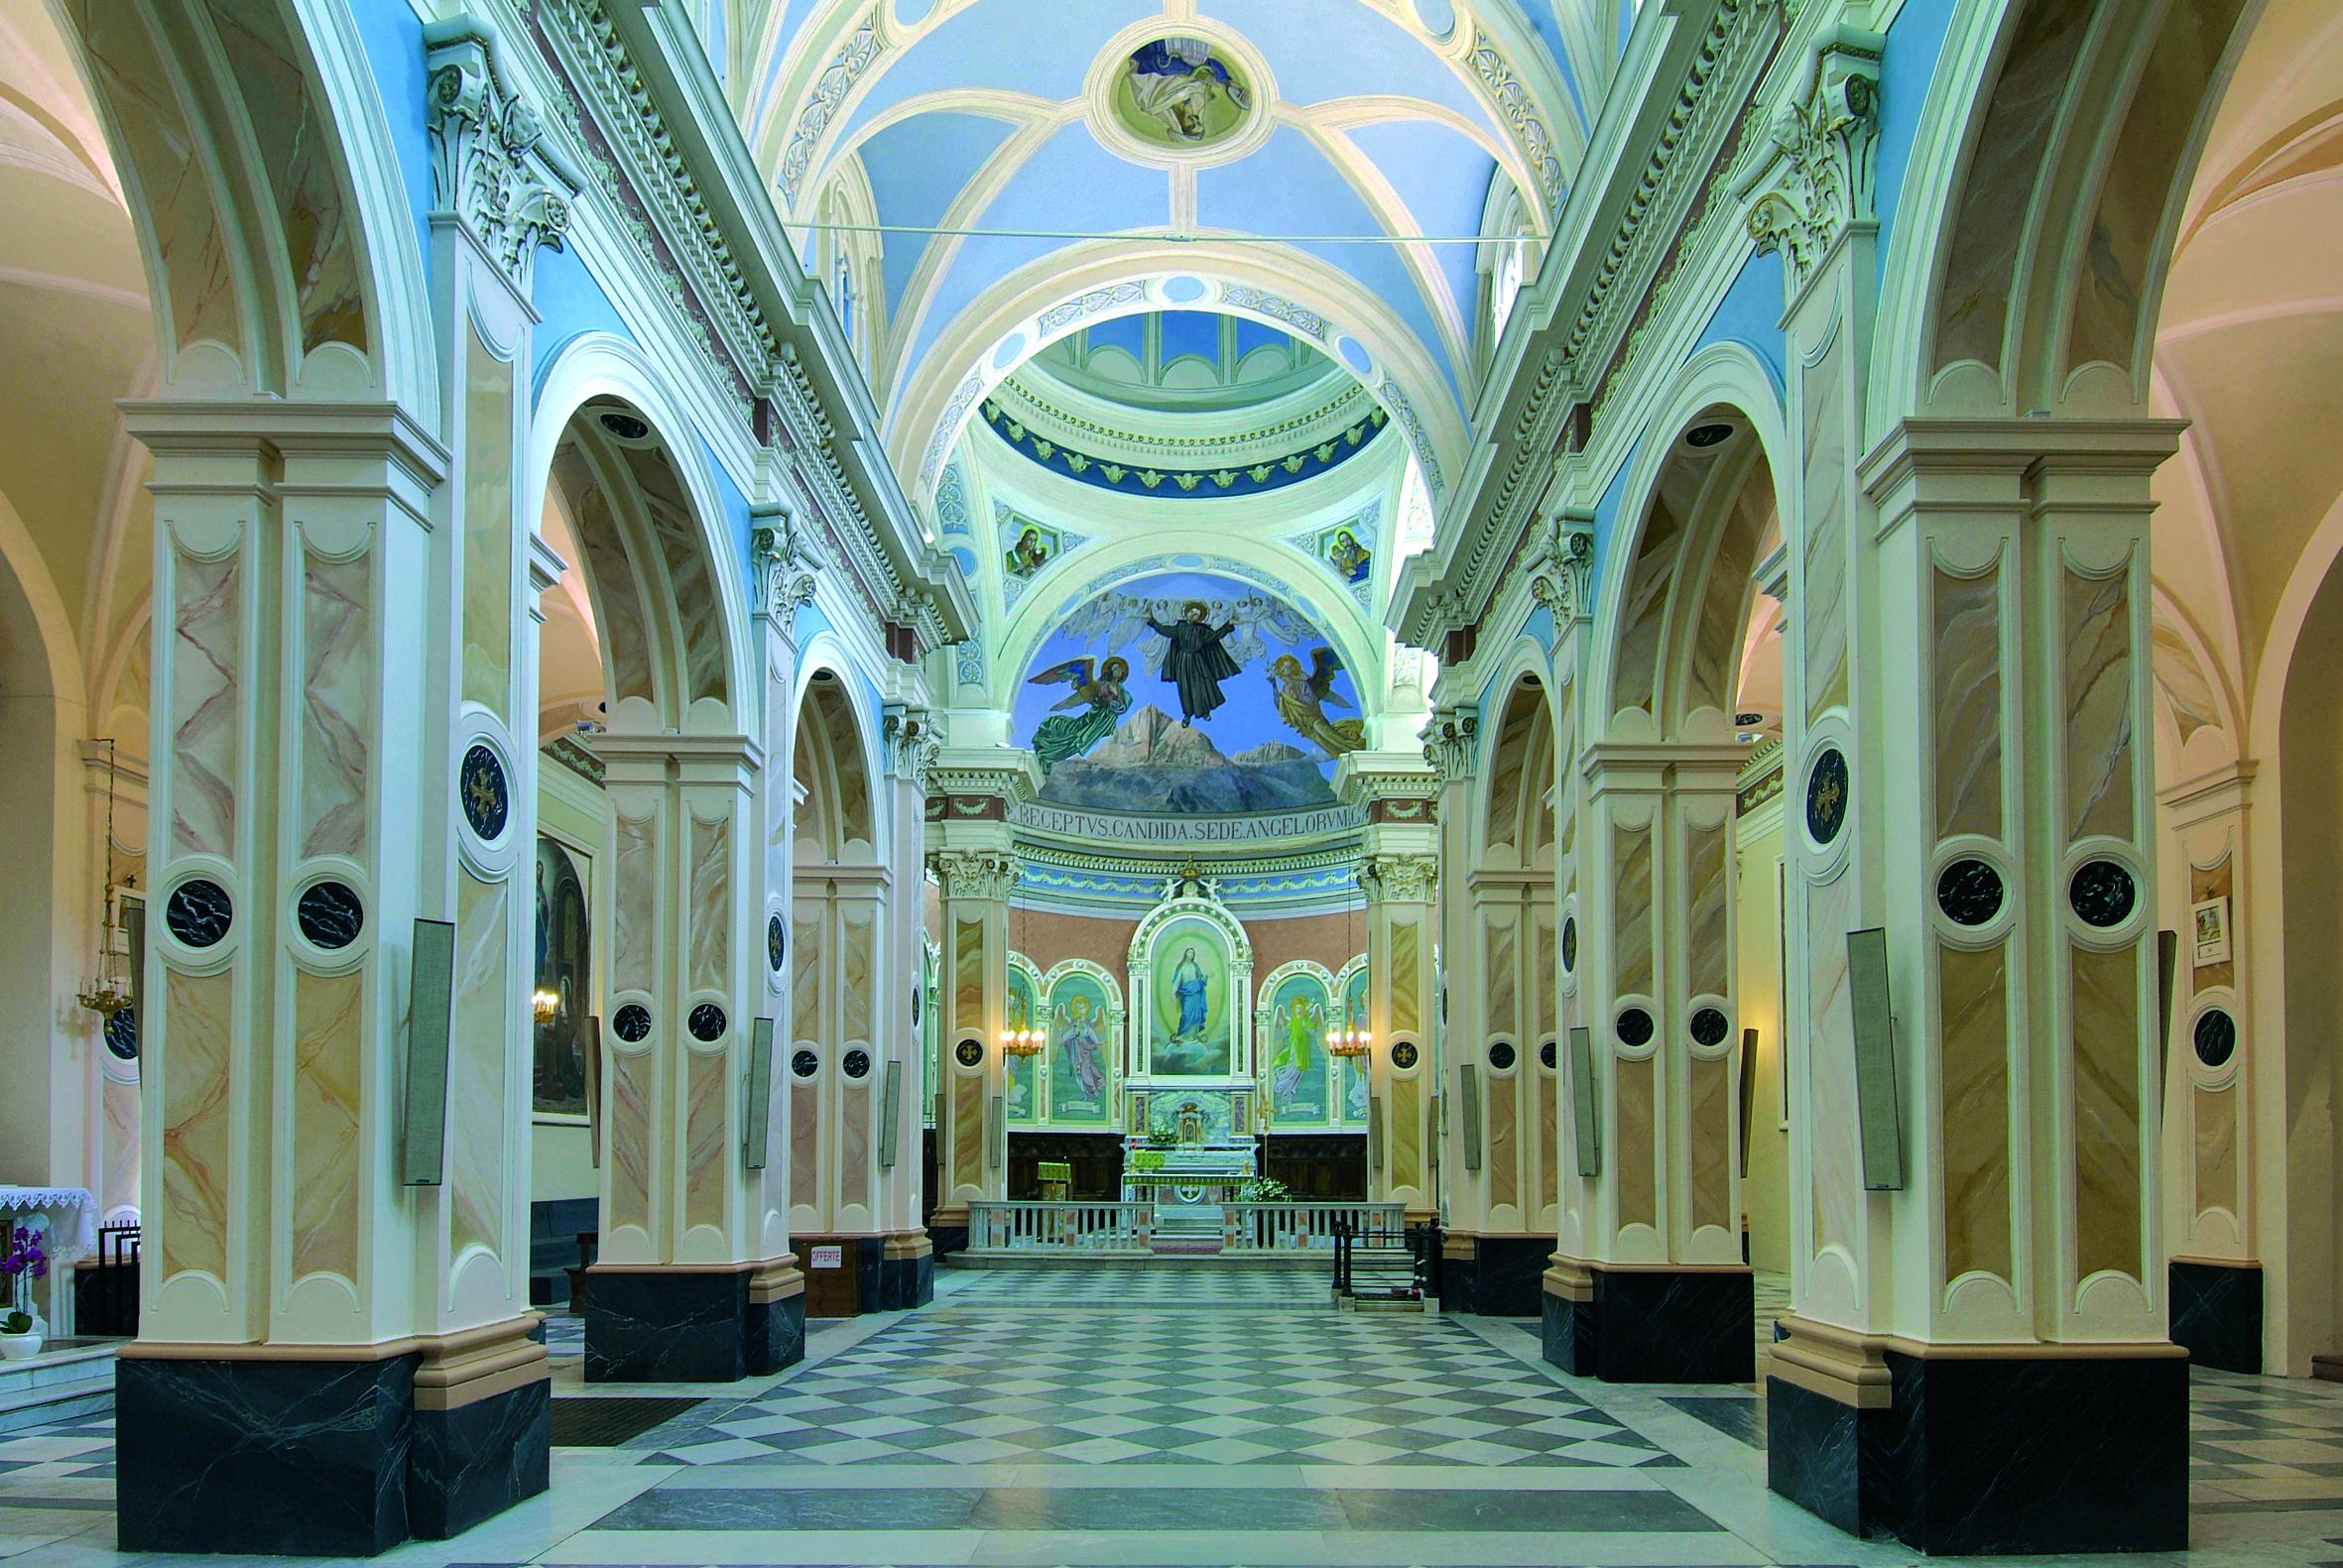 L 39 eco di san gabriele interno antica basilica foto di for Interno casa antica